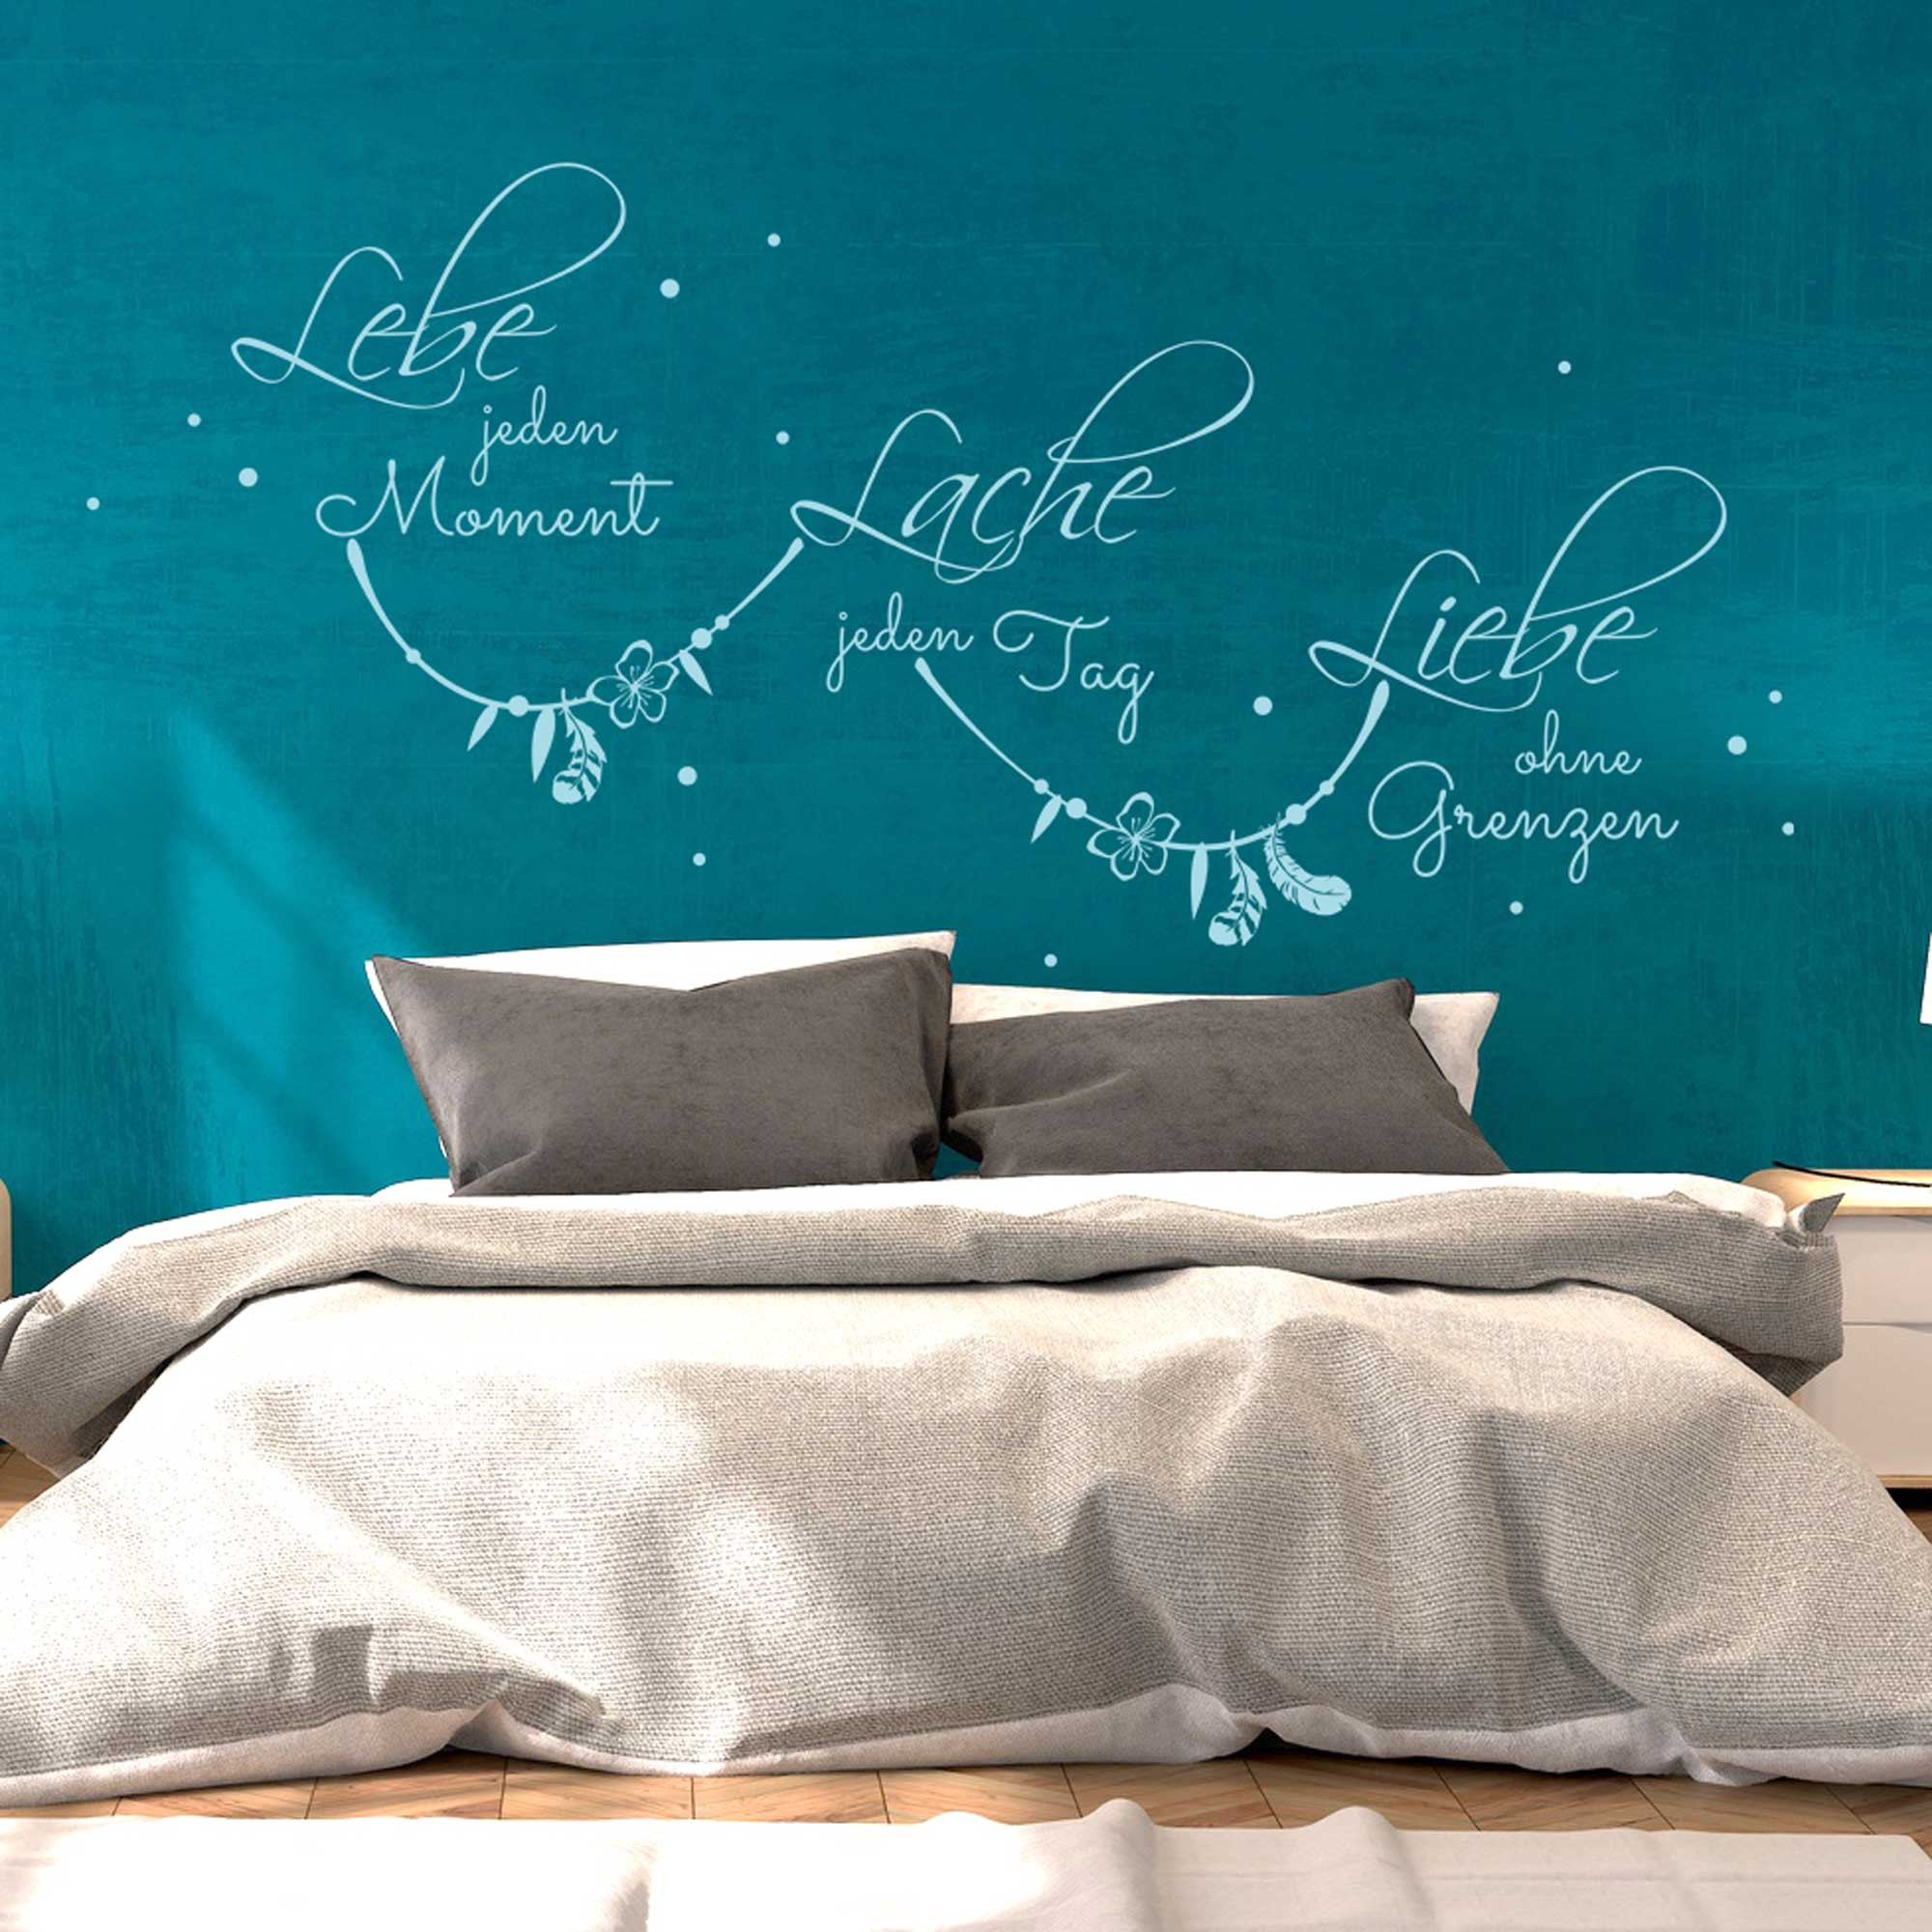 wandtattoo zitat spruch lebe jeden moment mit punkten m1973 wandtattoos elfent r tassen. Black Bedroom Furniture Sets. Home Design Ideas